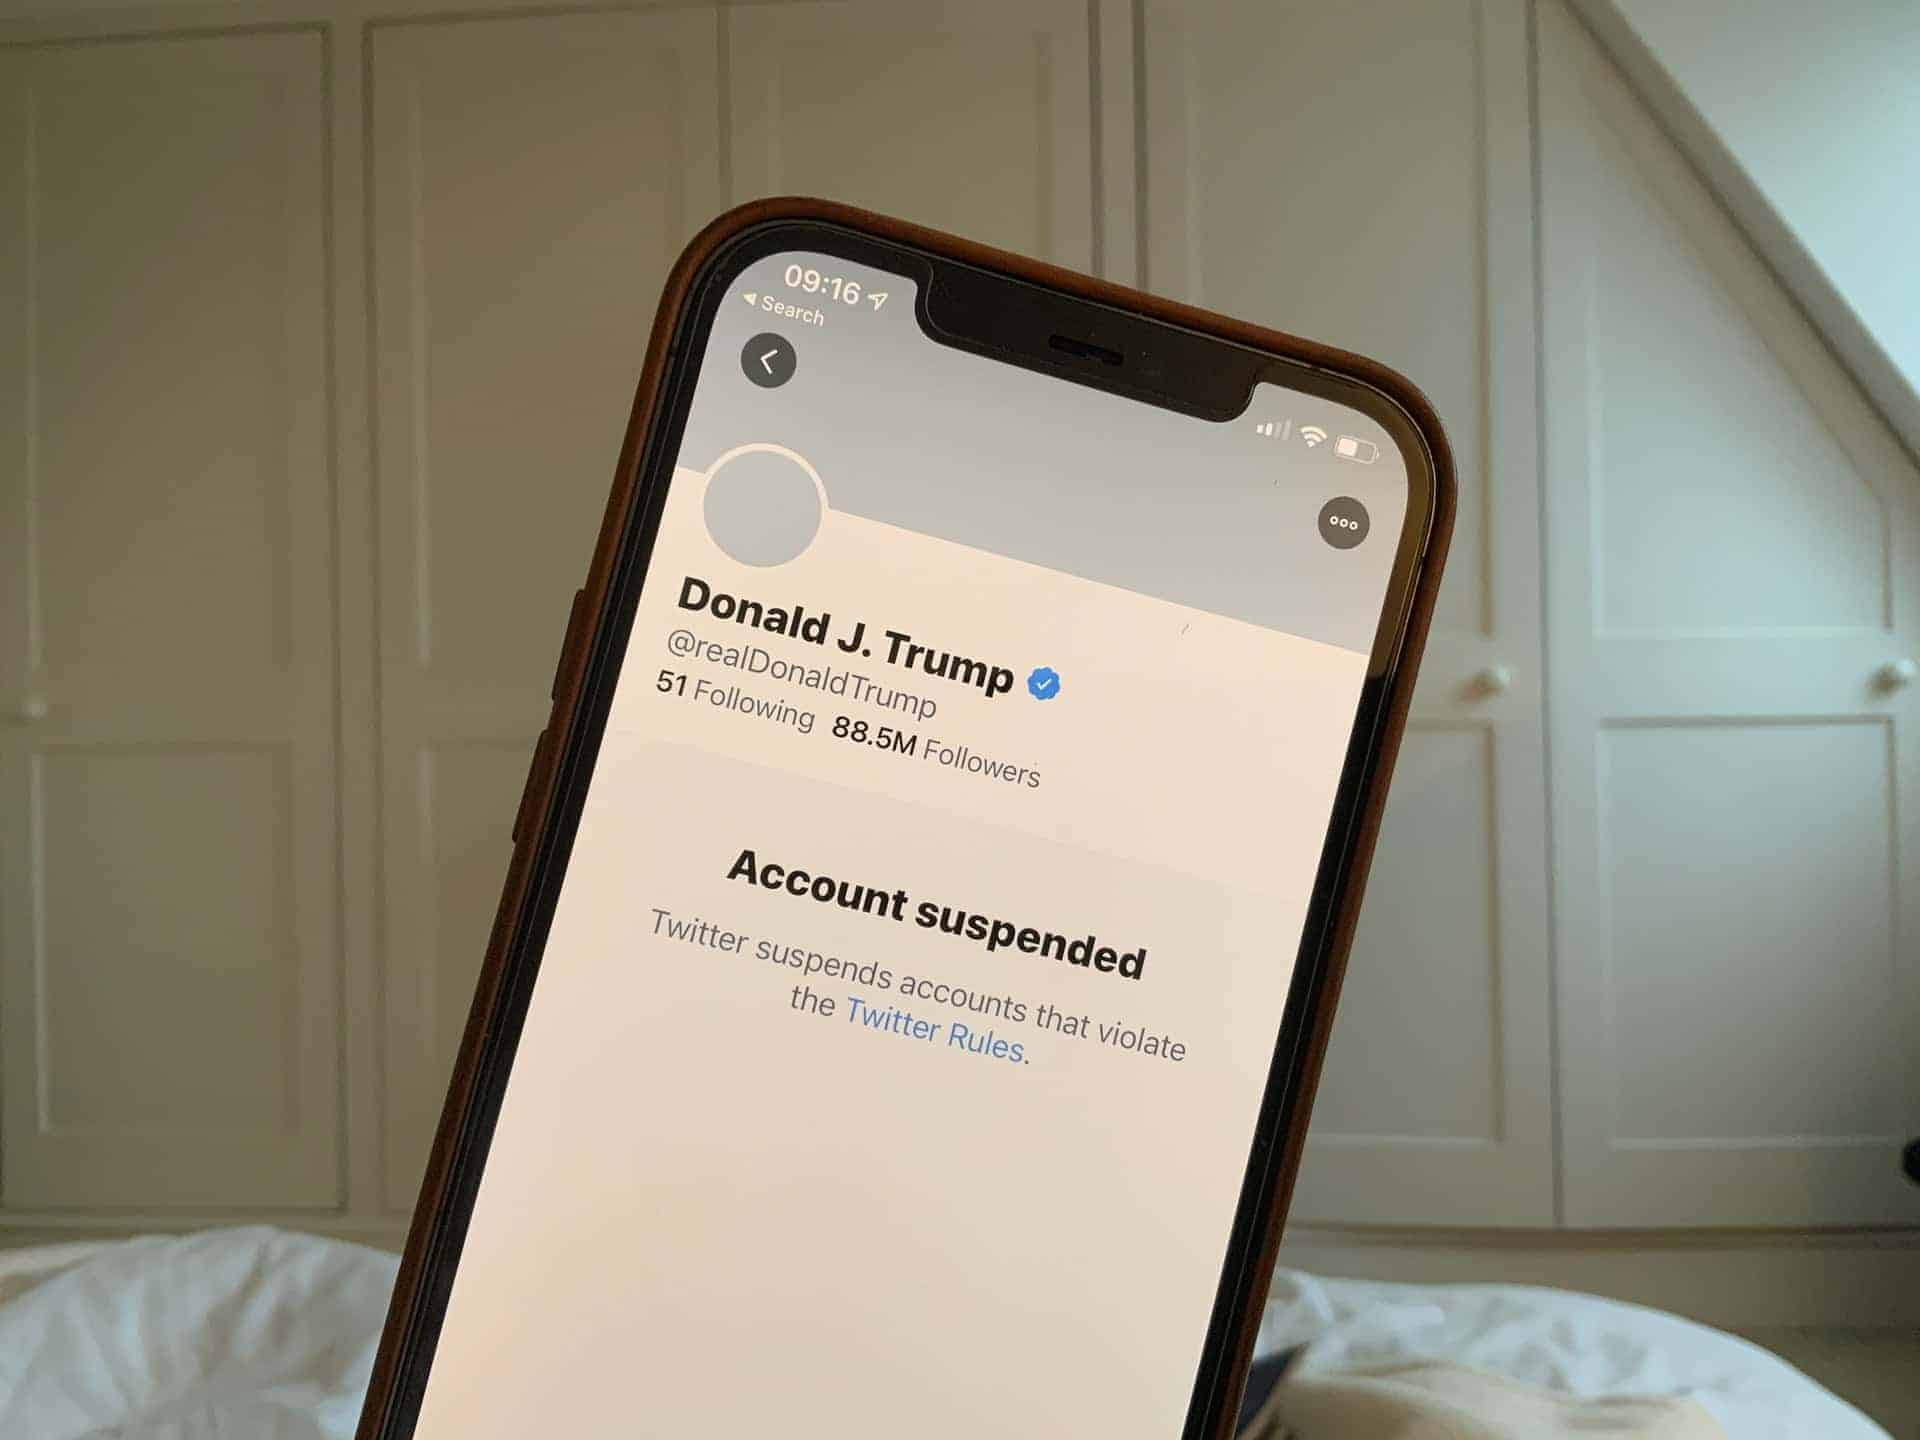 Deplatforming Donald